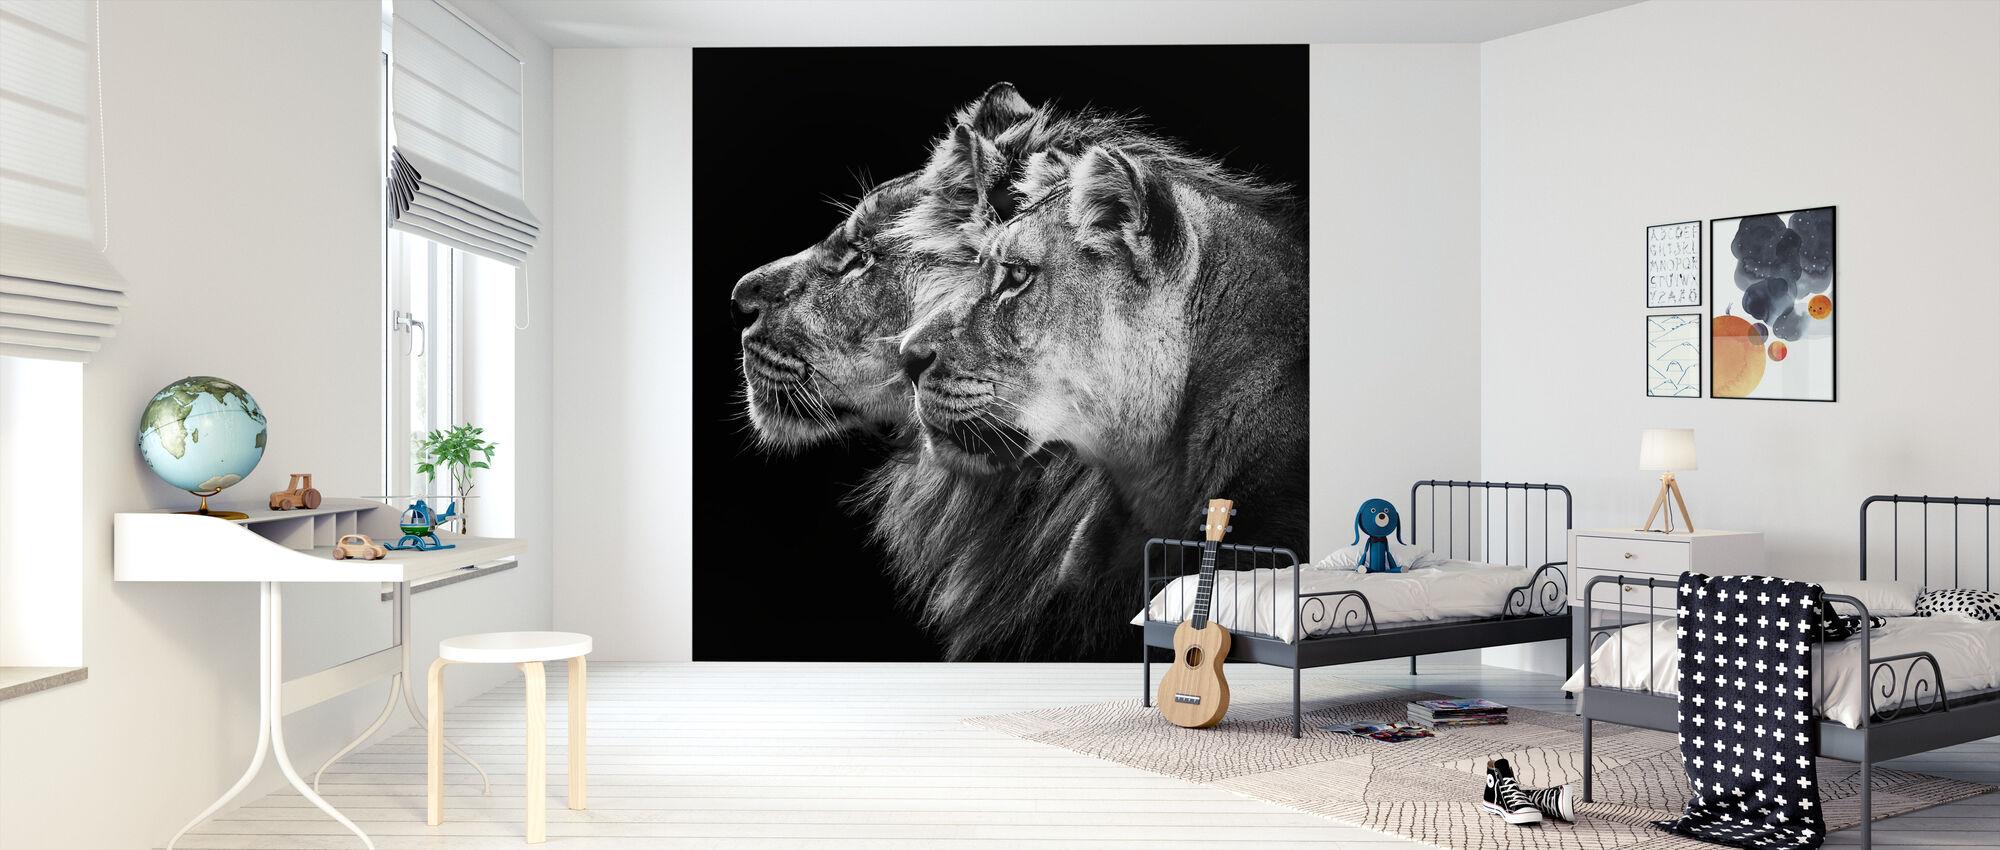 Leijona ja naarasleijona Muotokuva - Tapetti - Lastenhuone